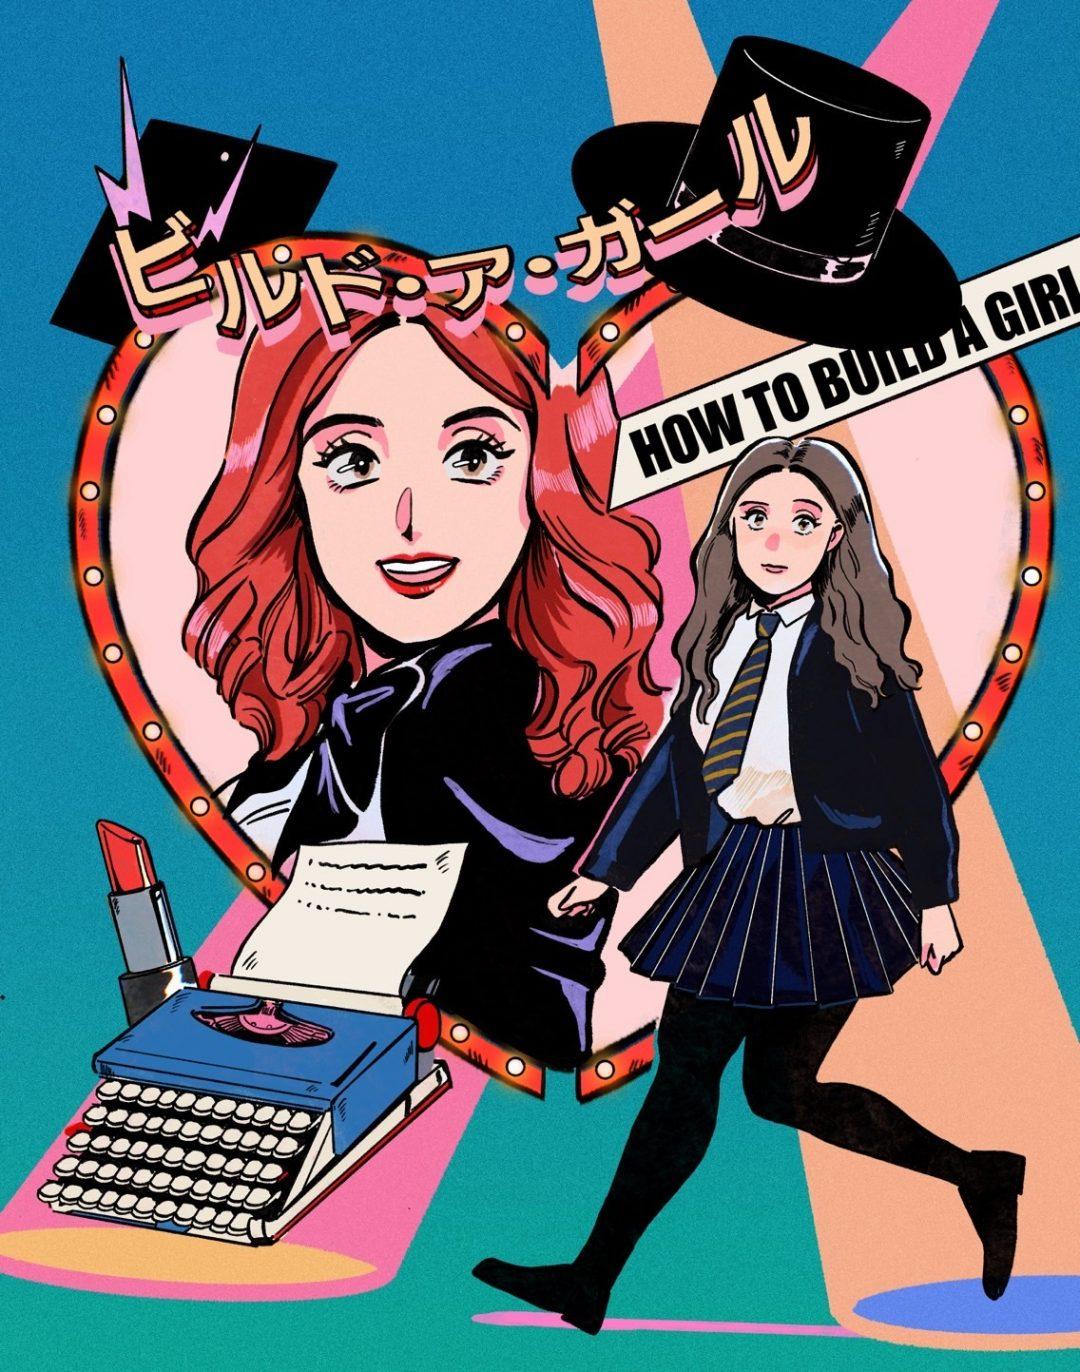 ティーンの奮闘を描いた青春ストーリー 映画『ビルド・ア・ガール』特別予告映像&特別描き下ろしイラストが公開